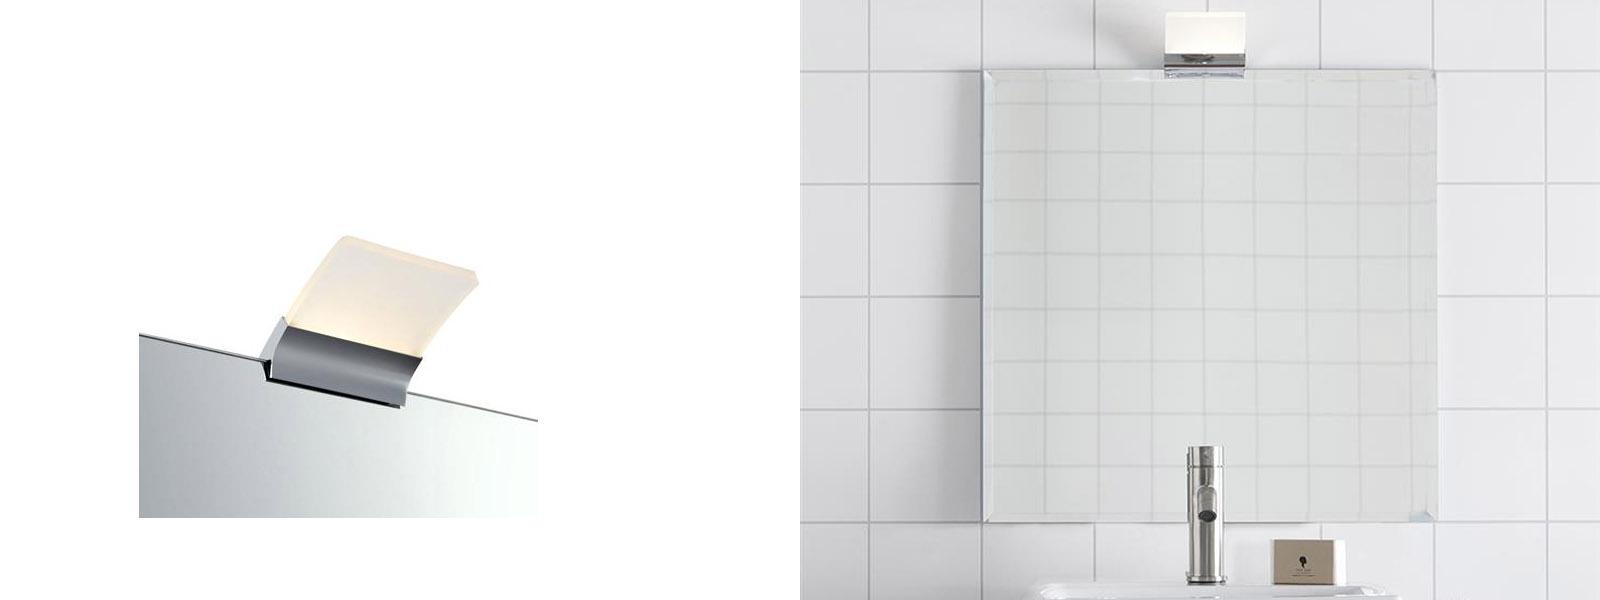 Lampy Do łazienki Lampy łazienkowe